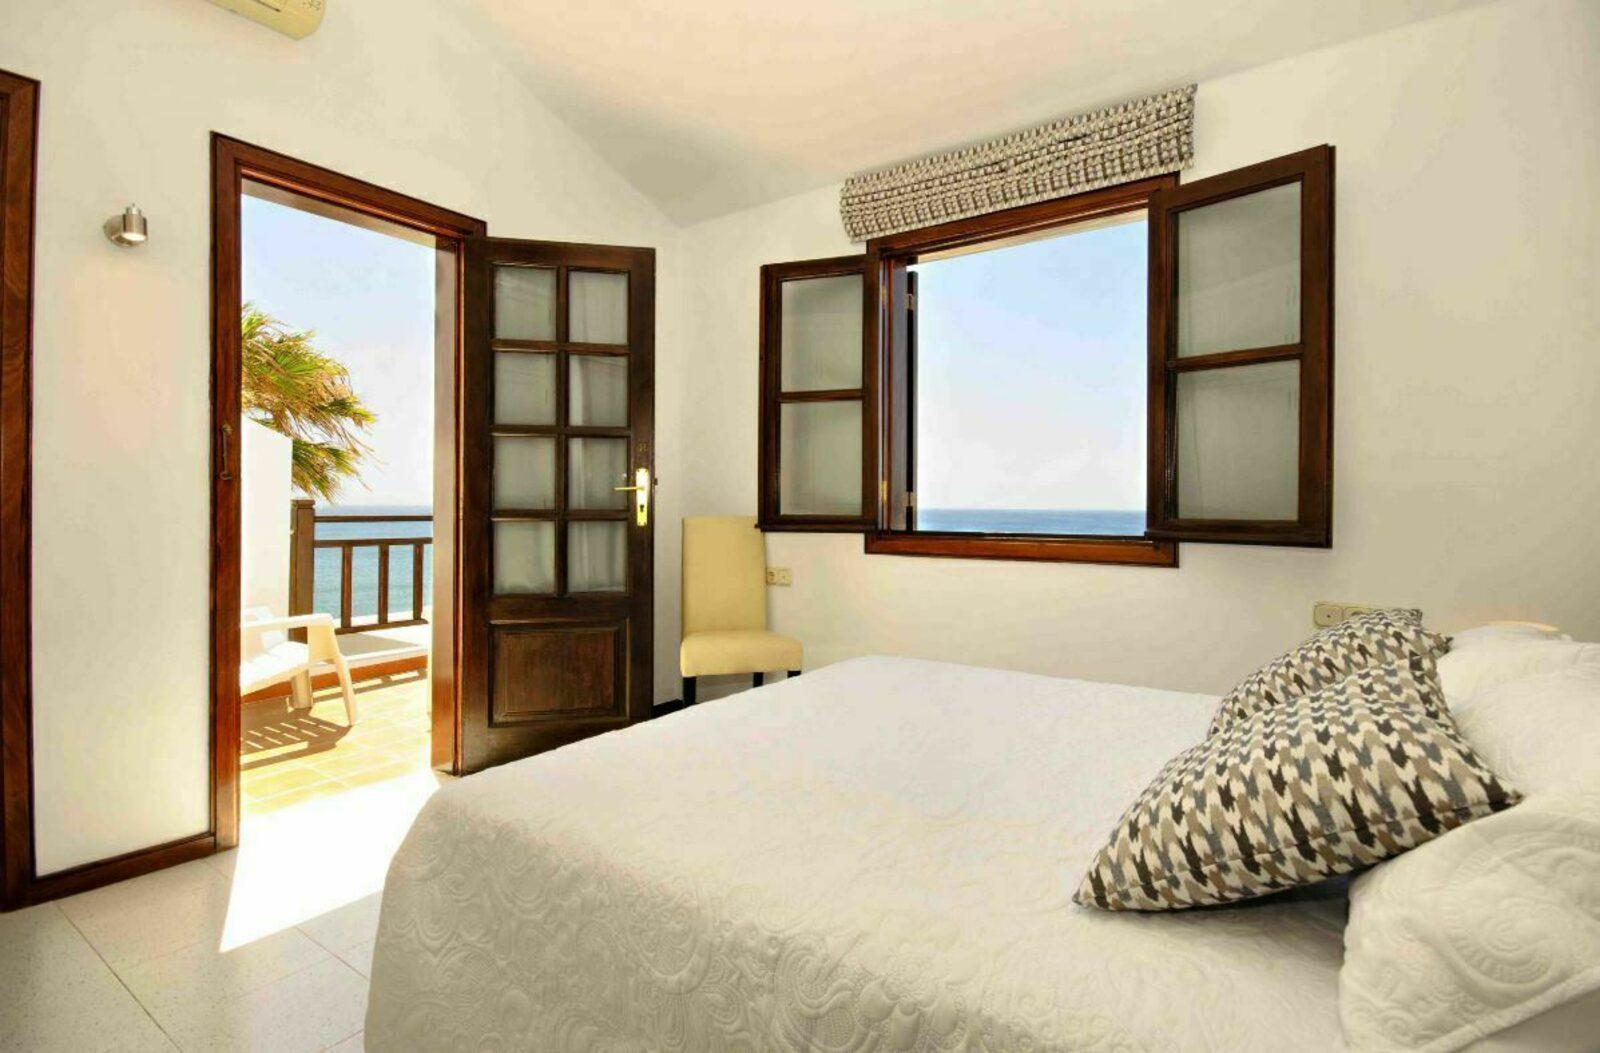 Beachhouse La Concha | 4 persons